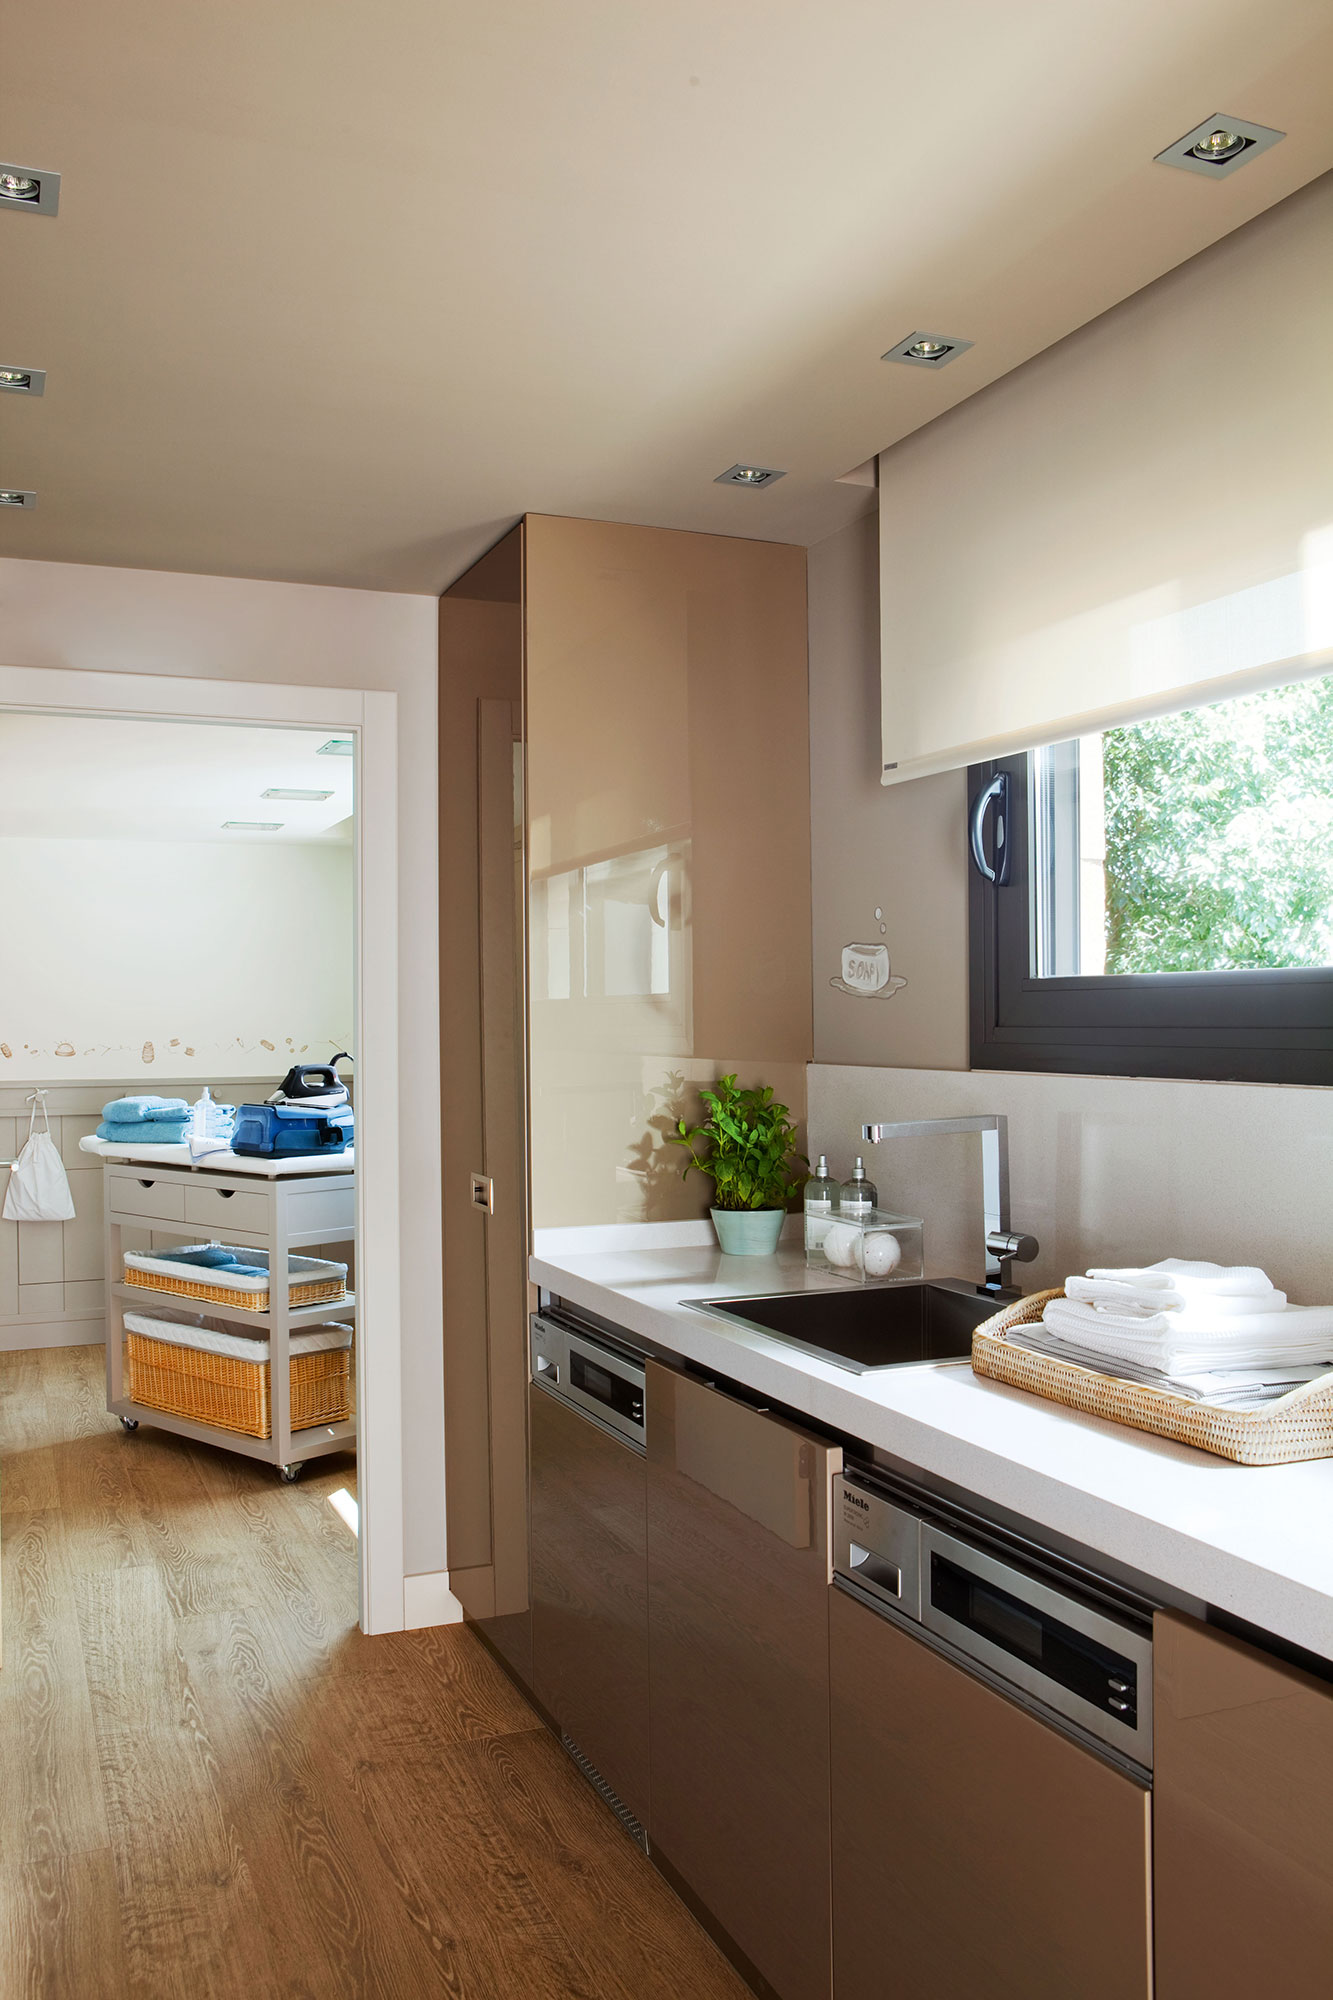 D nde poner la lavadora en casa - Cocina con plancha ...